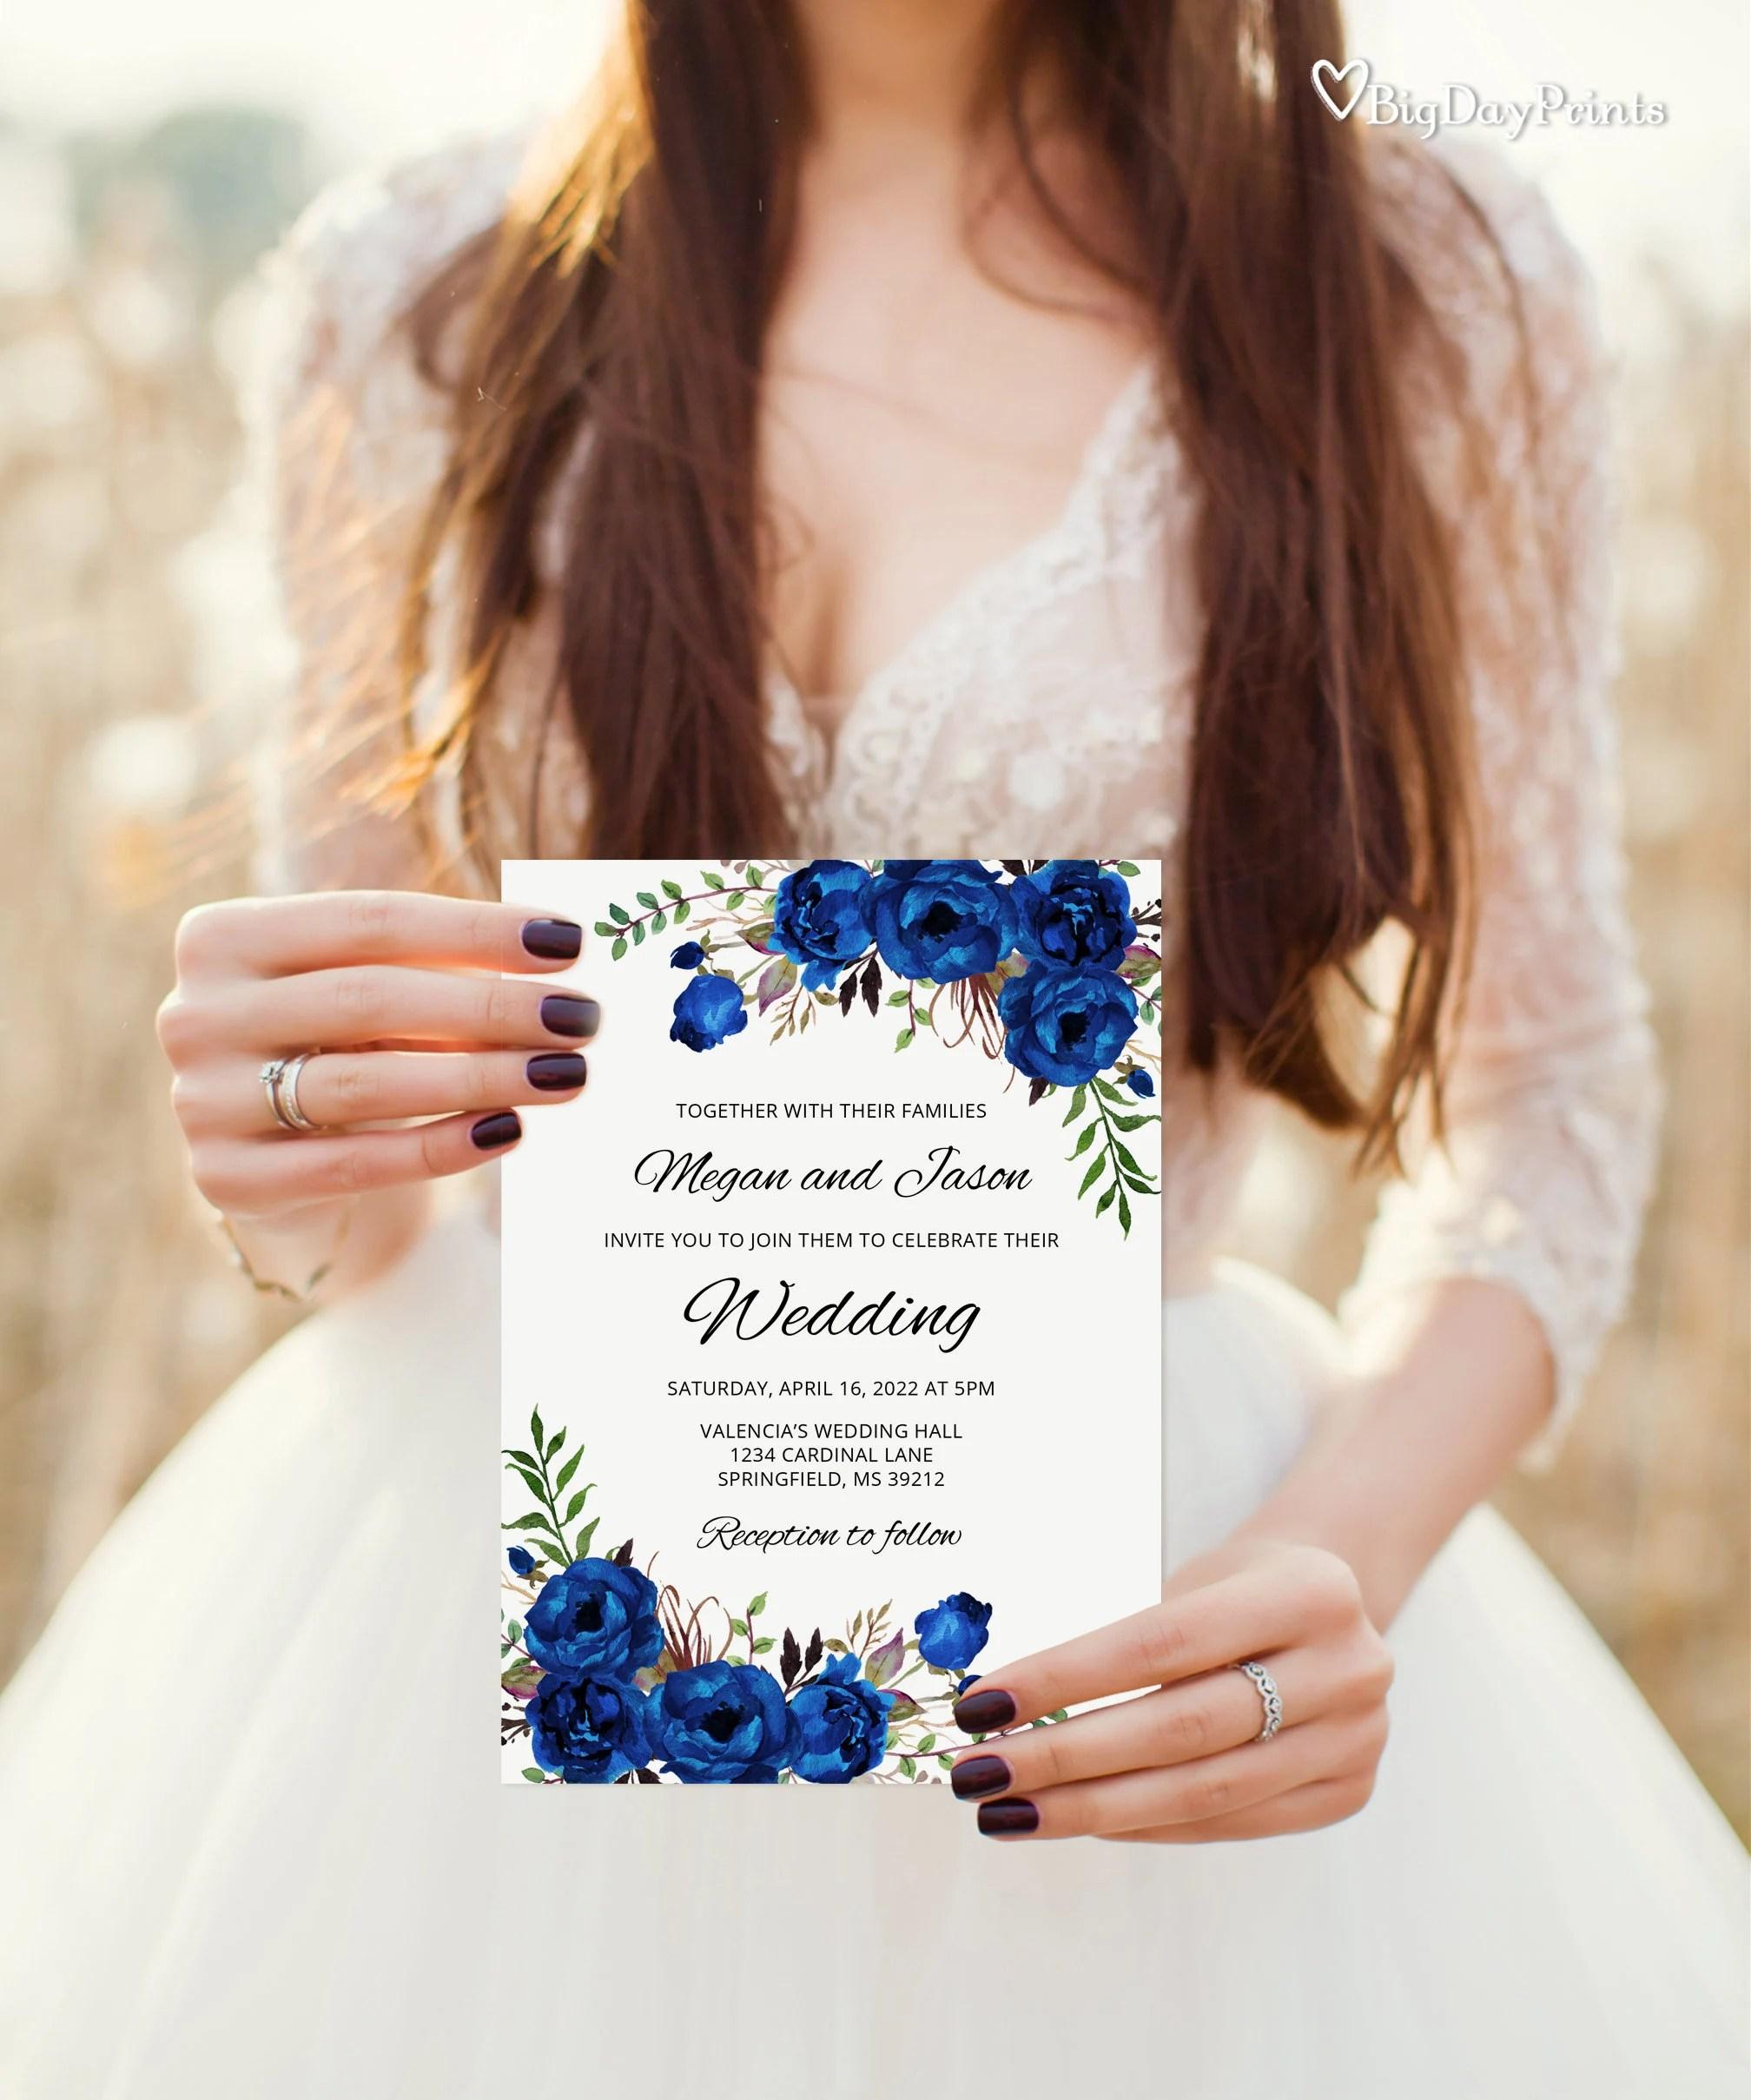 royal blue wedding invitation blue wedding invitation template boho chic wedding invitation suite floral wedding set templett a016